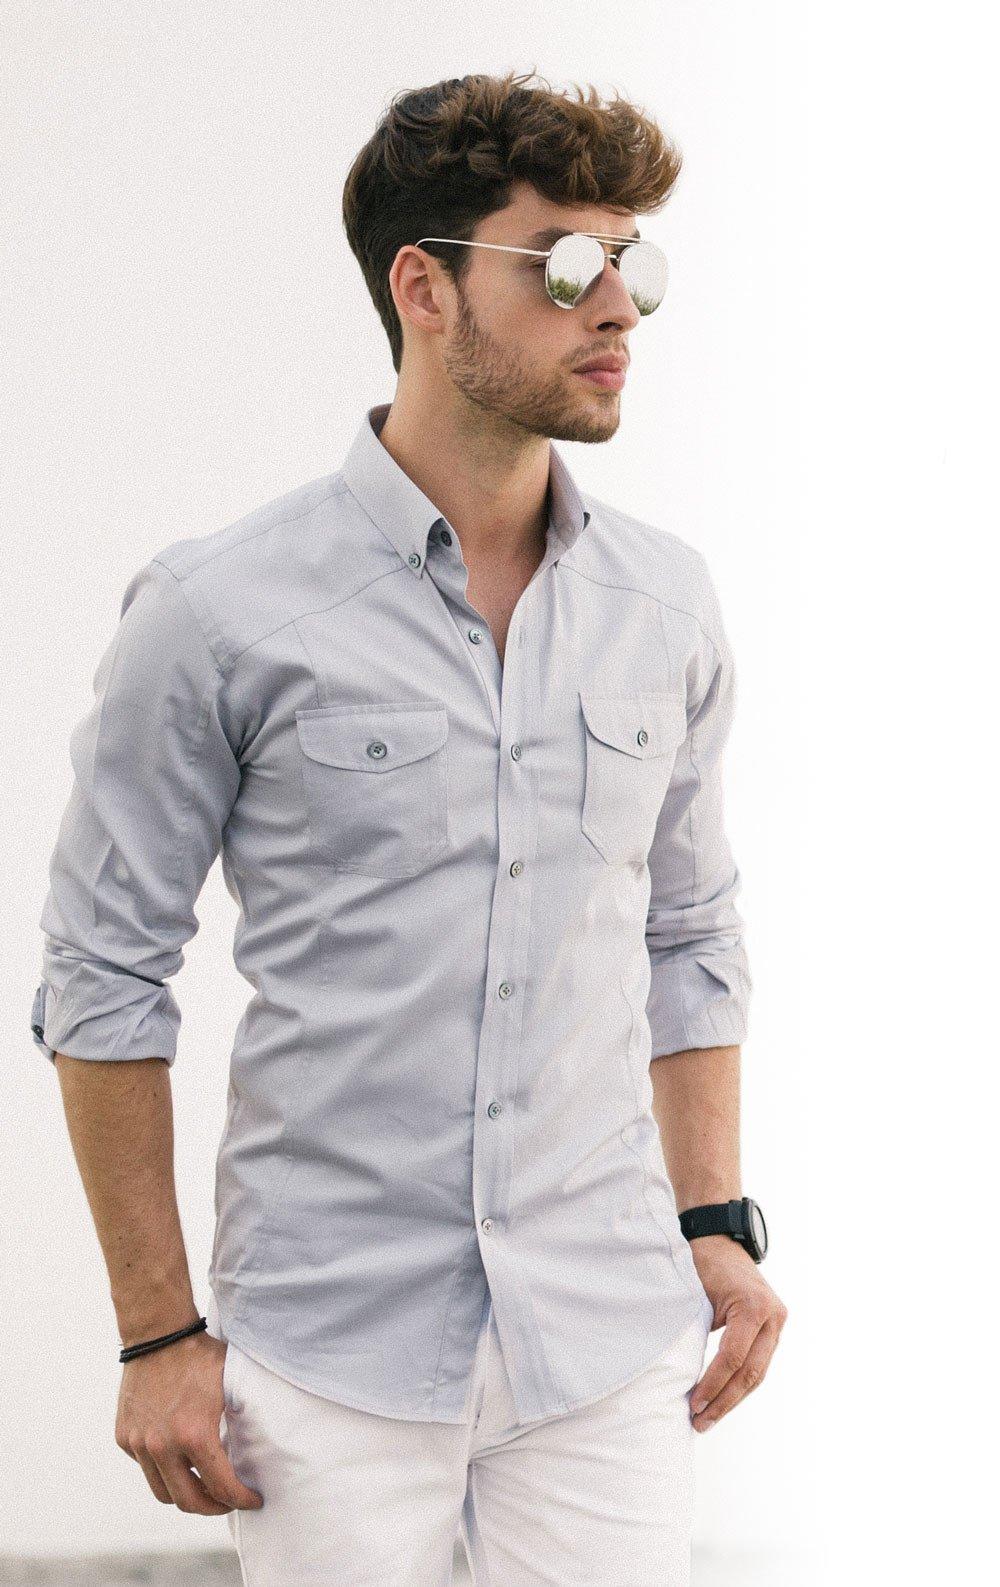 neutrals-outfit-light-grey-utility-shirt.jpg